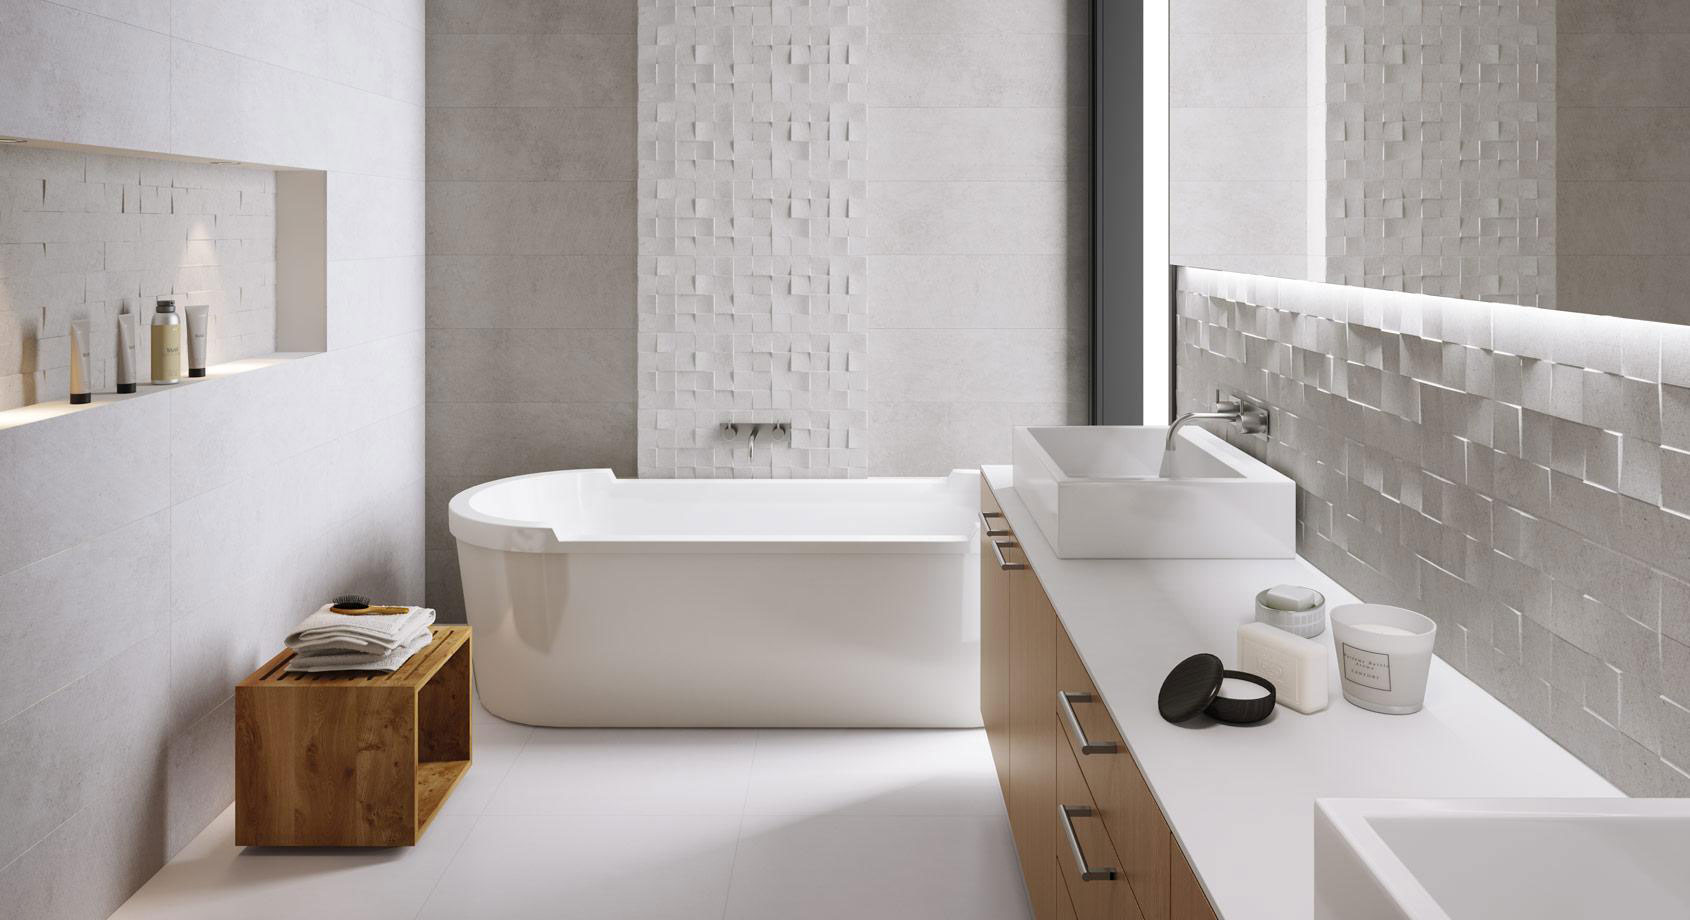 Baños en Zaragoza | Decoración de baños | Blunni